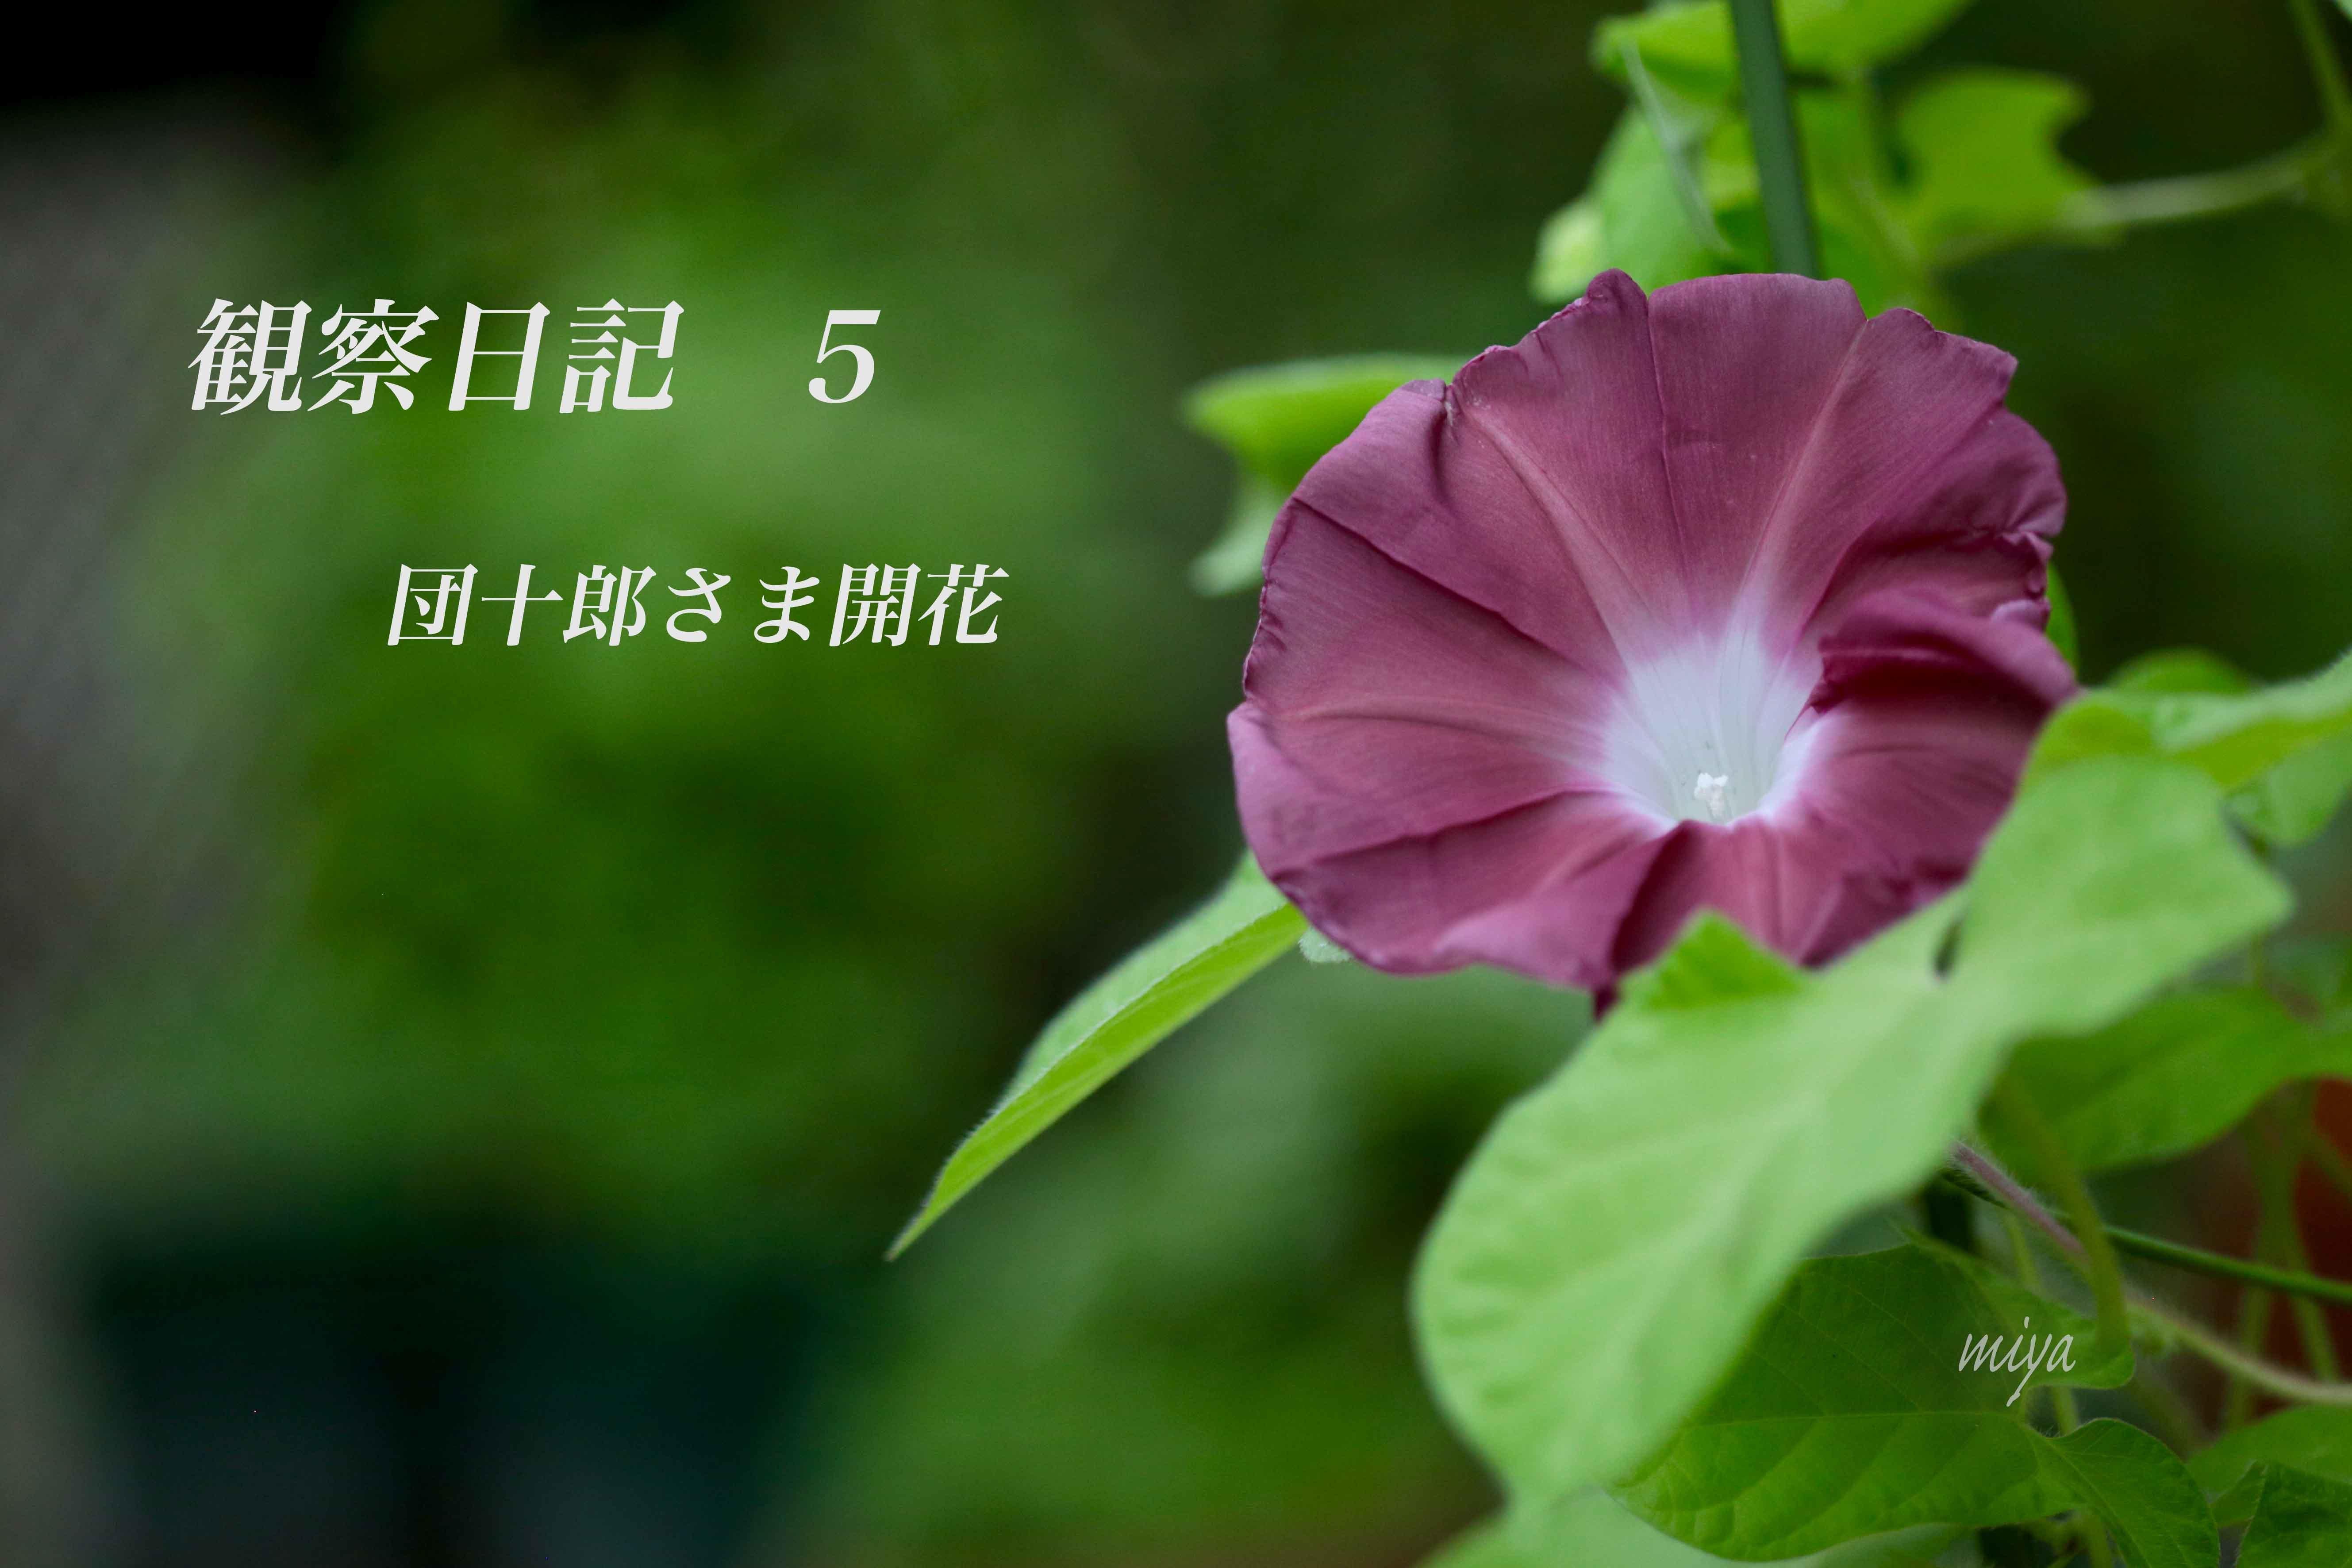 団観察5m032A4393